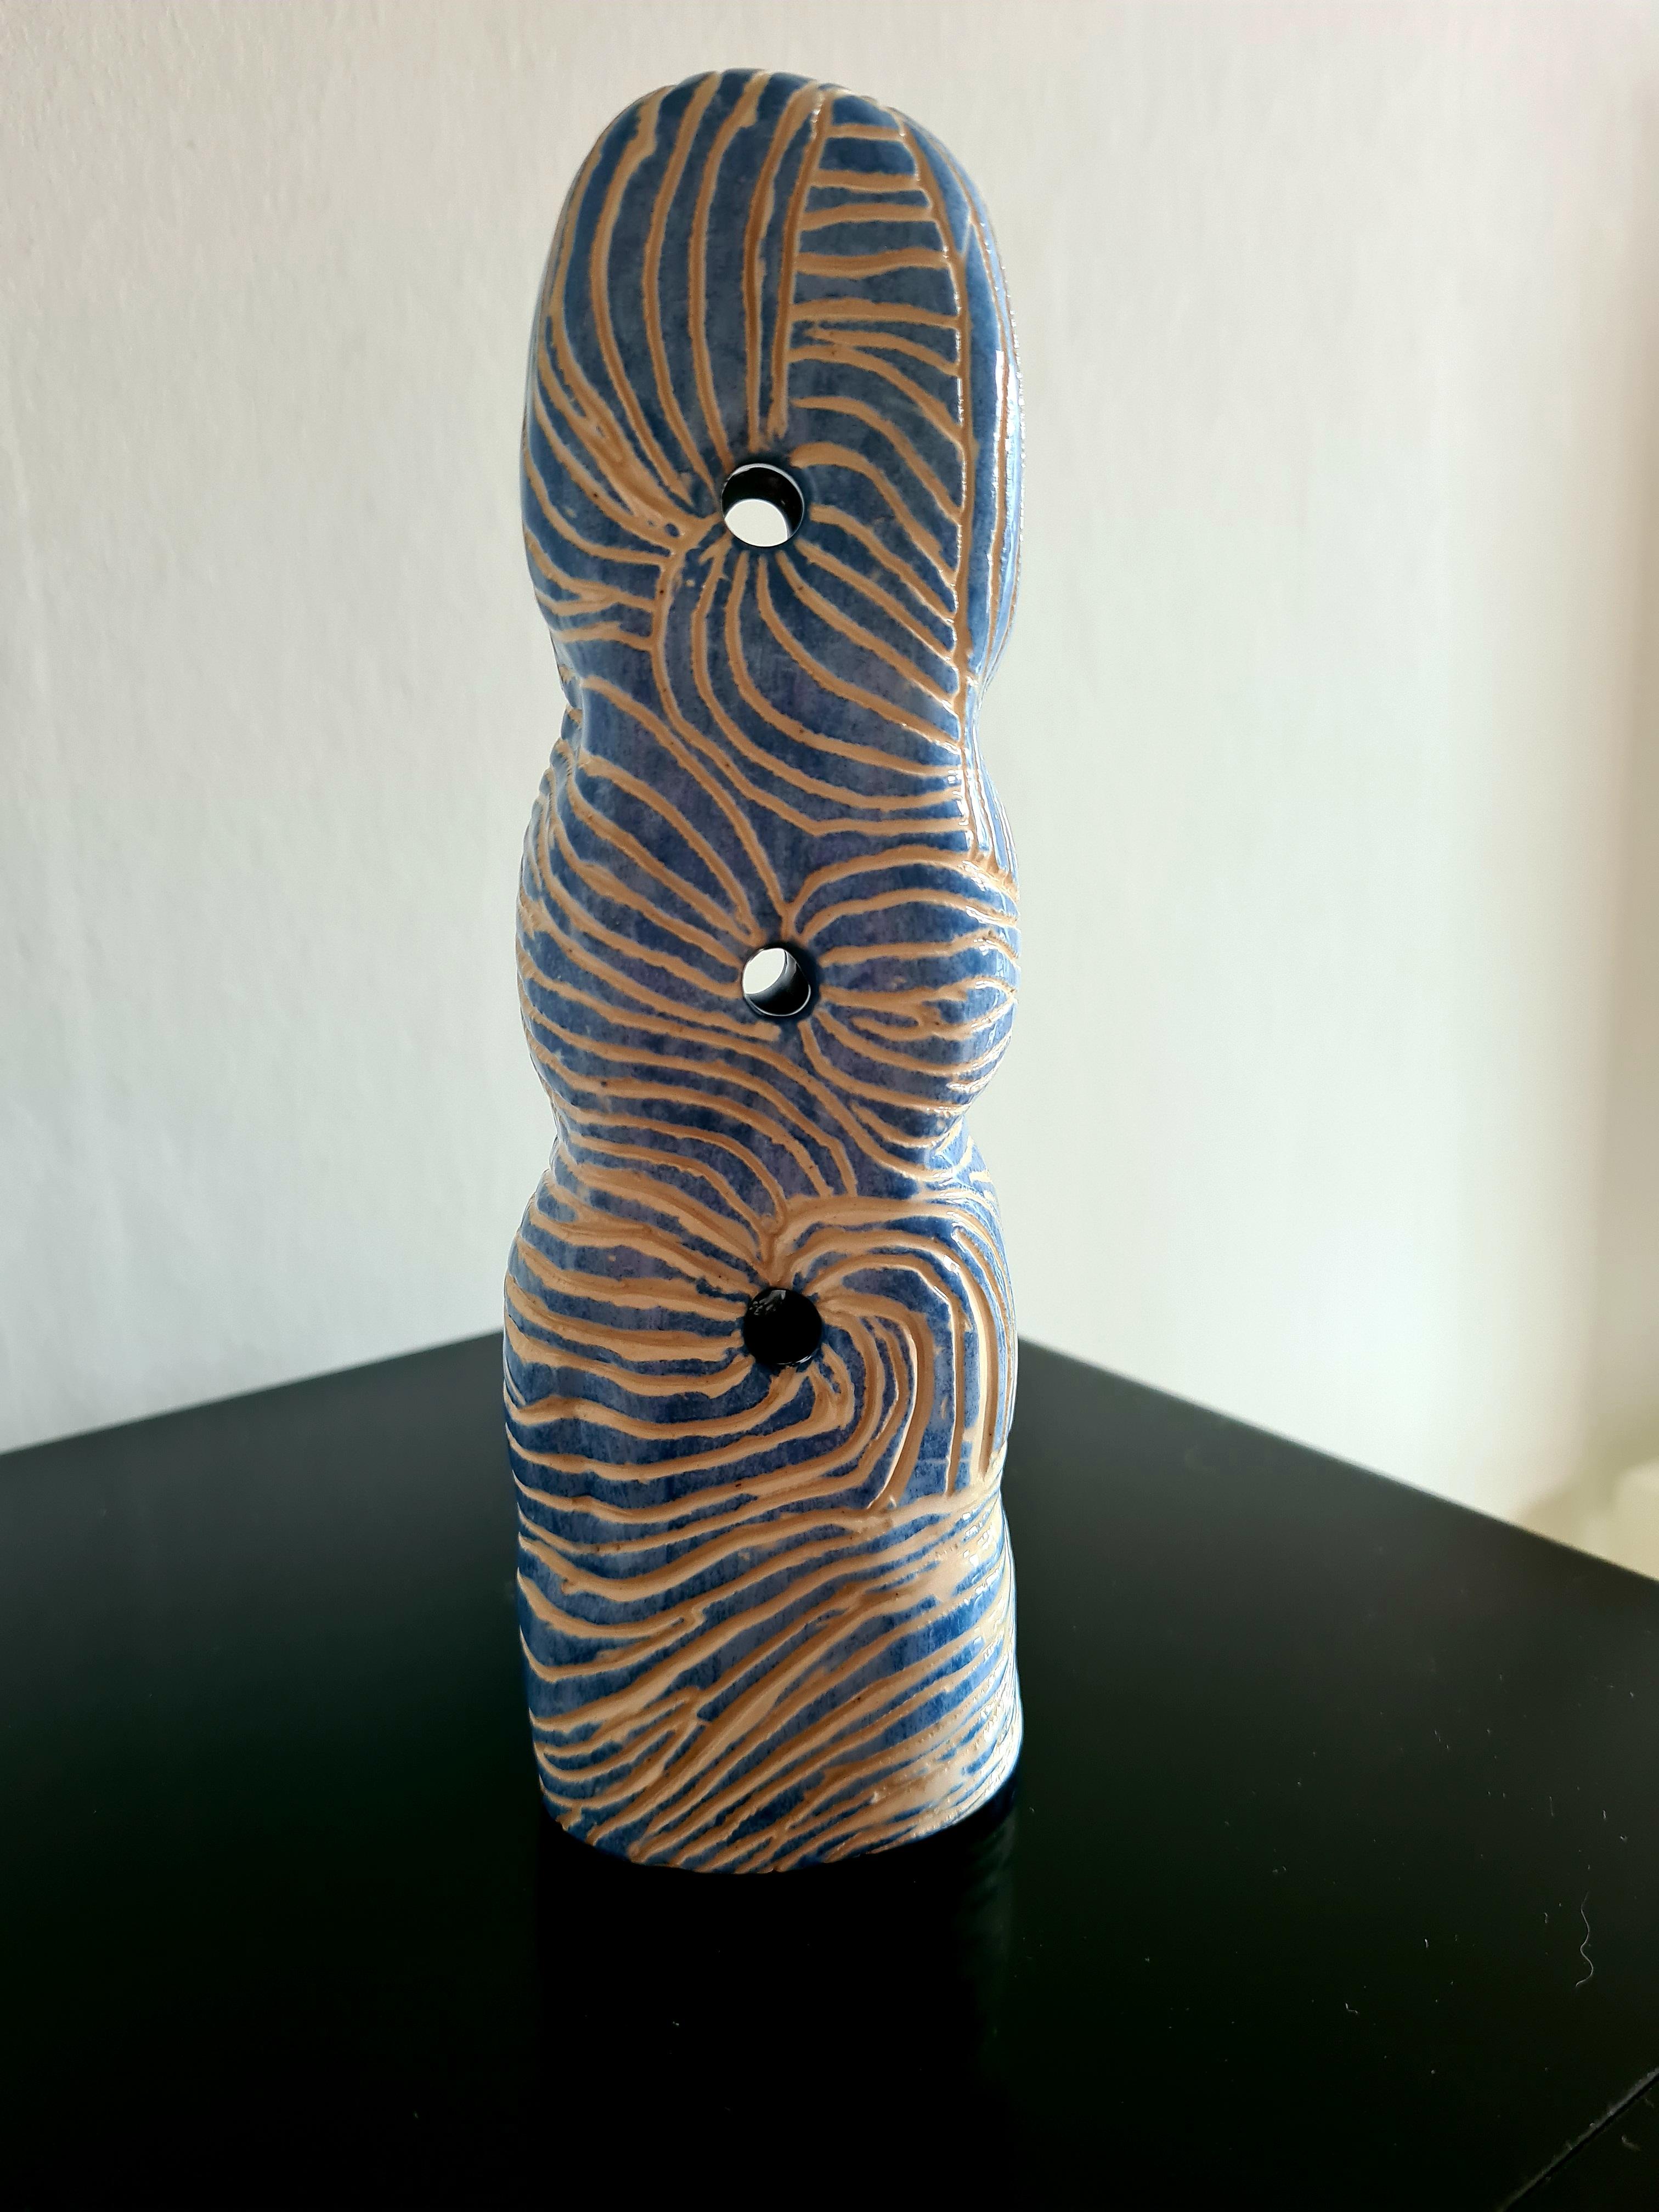 Avlång keramikskulptur med mjuka former och tre genomskärningar med ristad yta